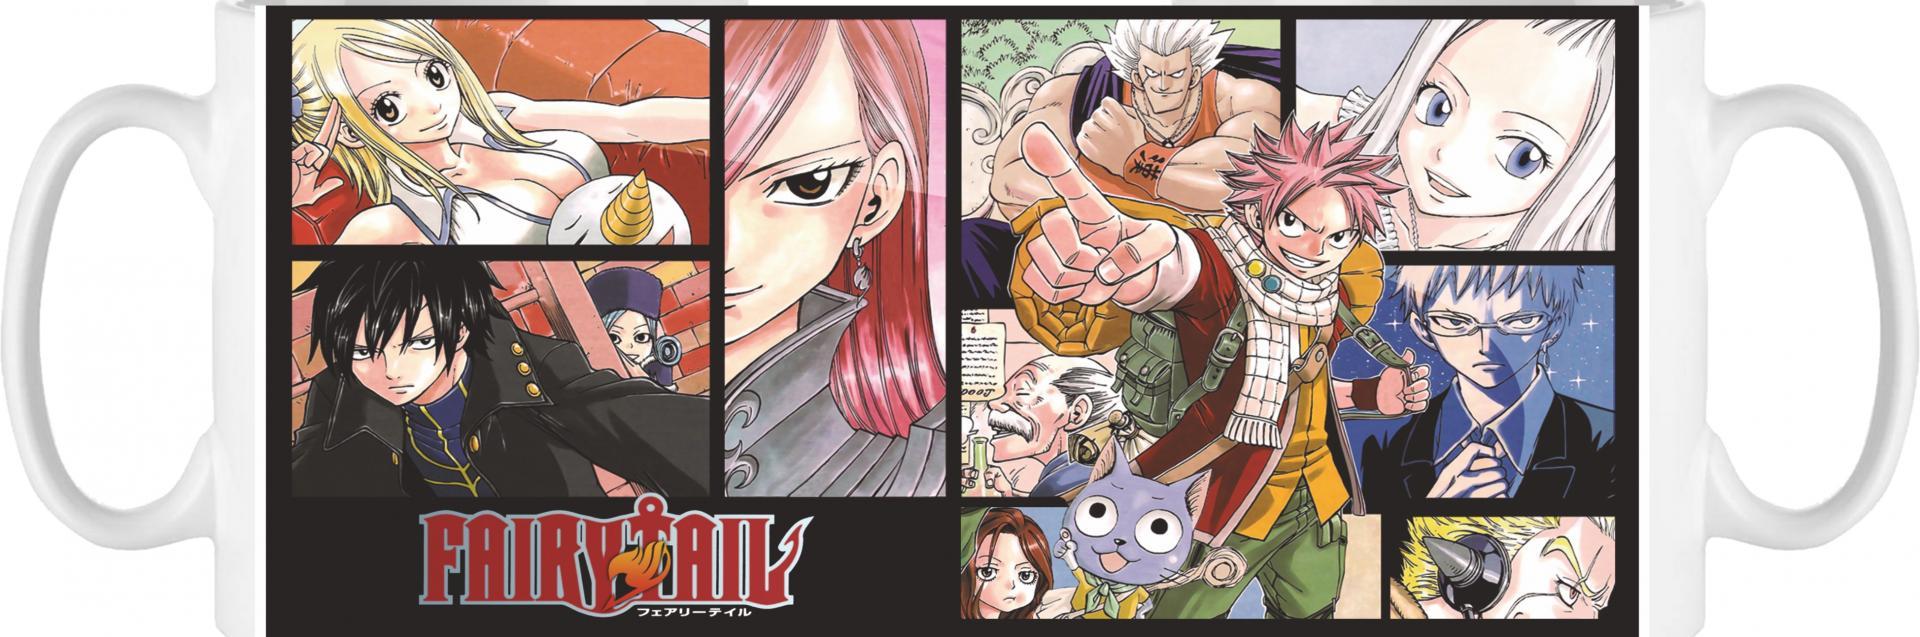 Taza Fairy Tail (022)